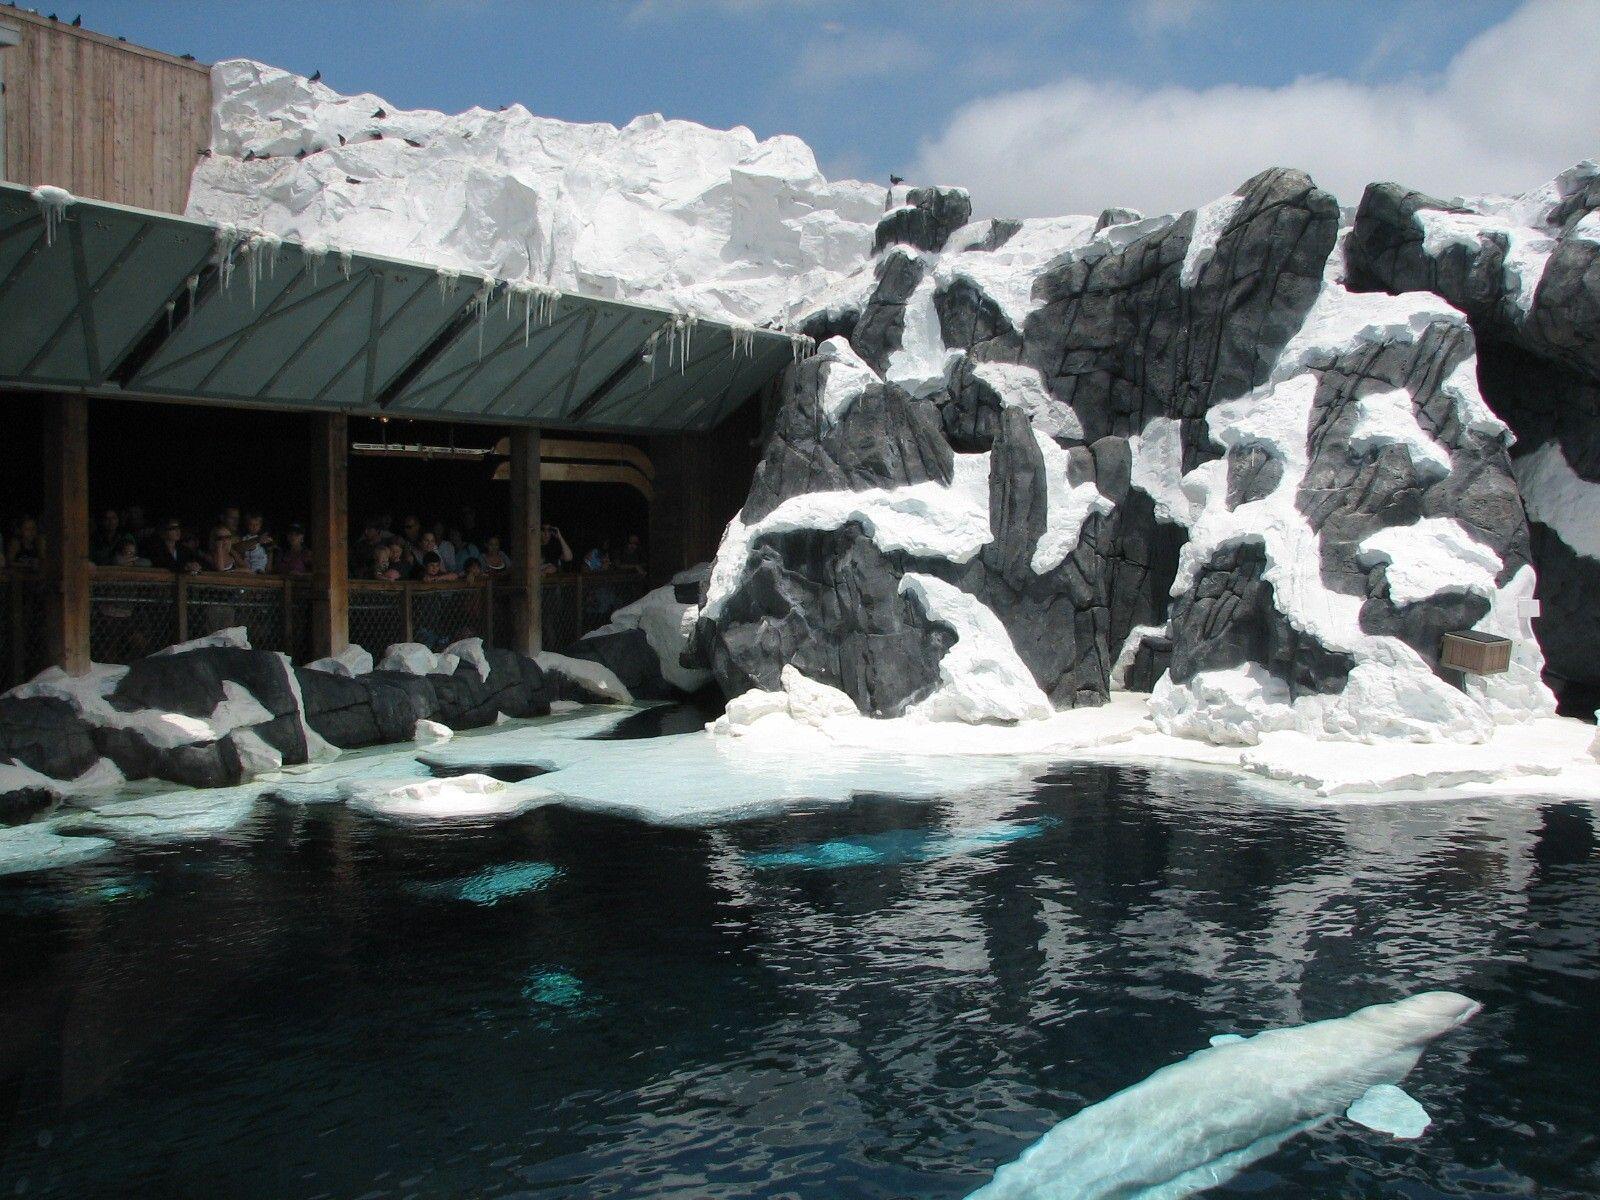 Parque SeaWorld em Orlando: Wild Arctic